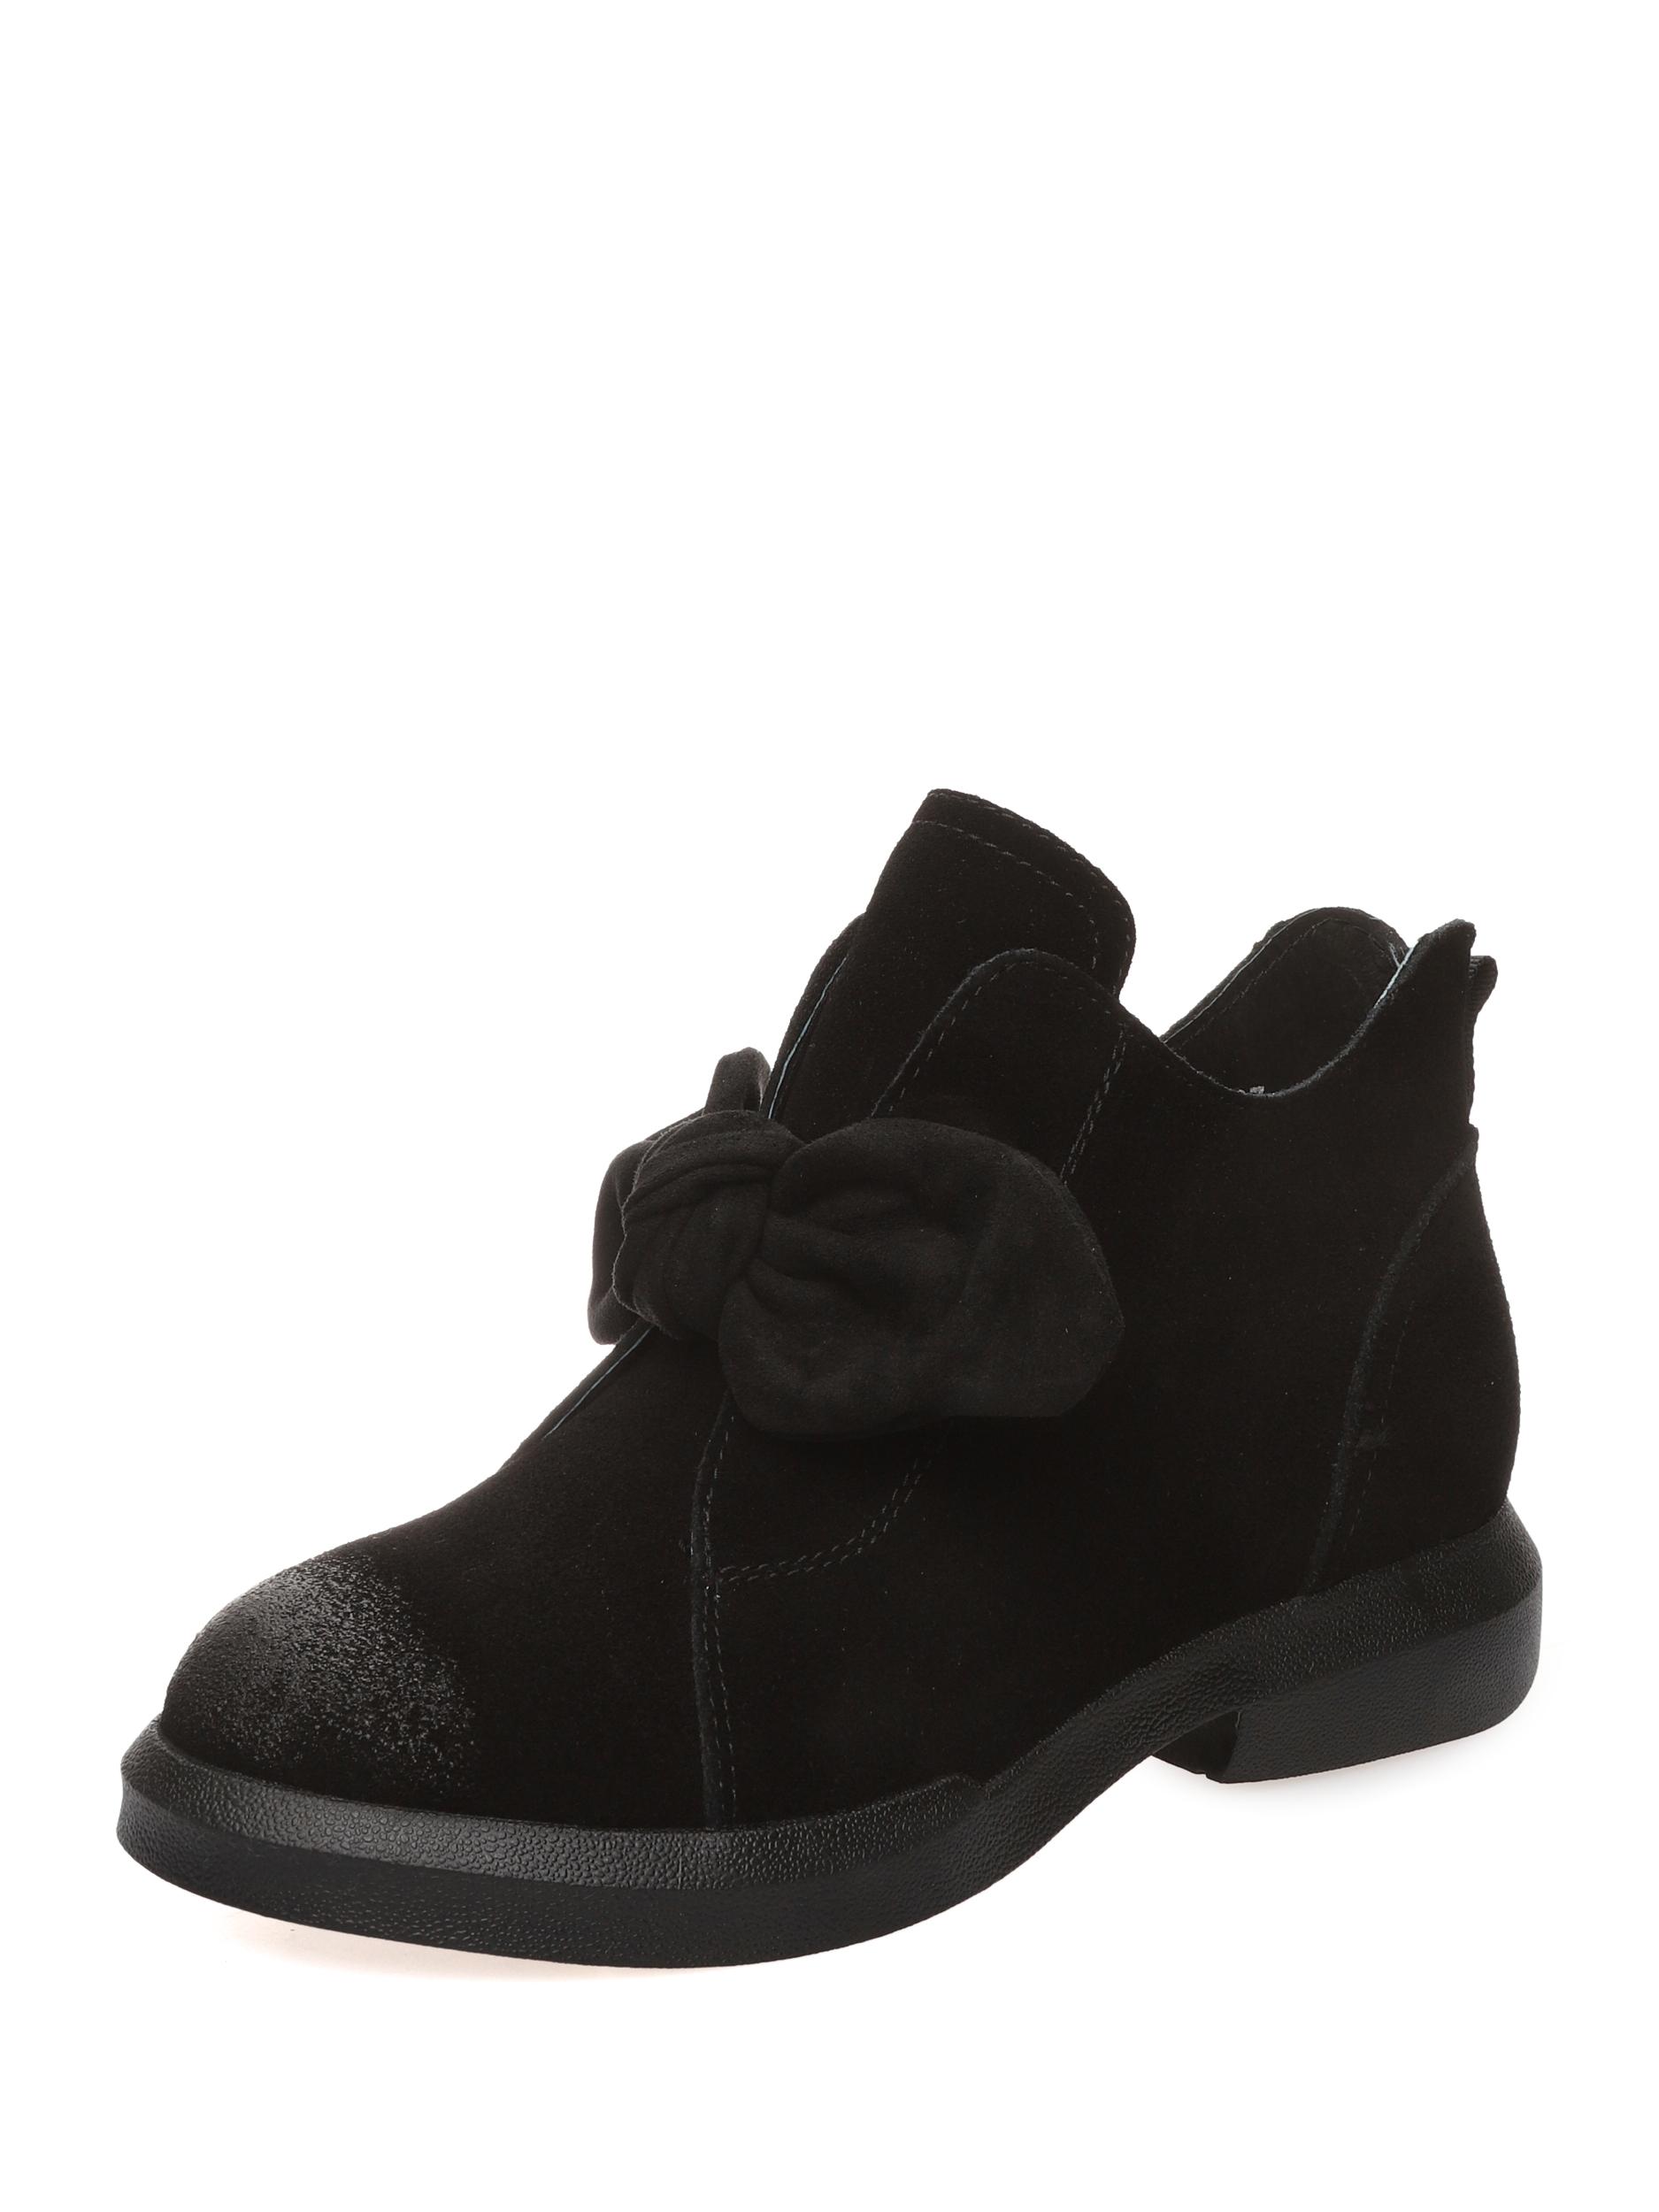 Ботинки женские MAKFINE 99-01 черные 36 RU